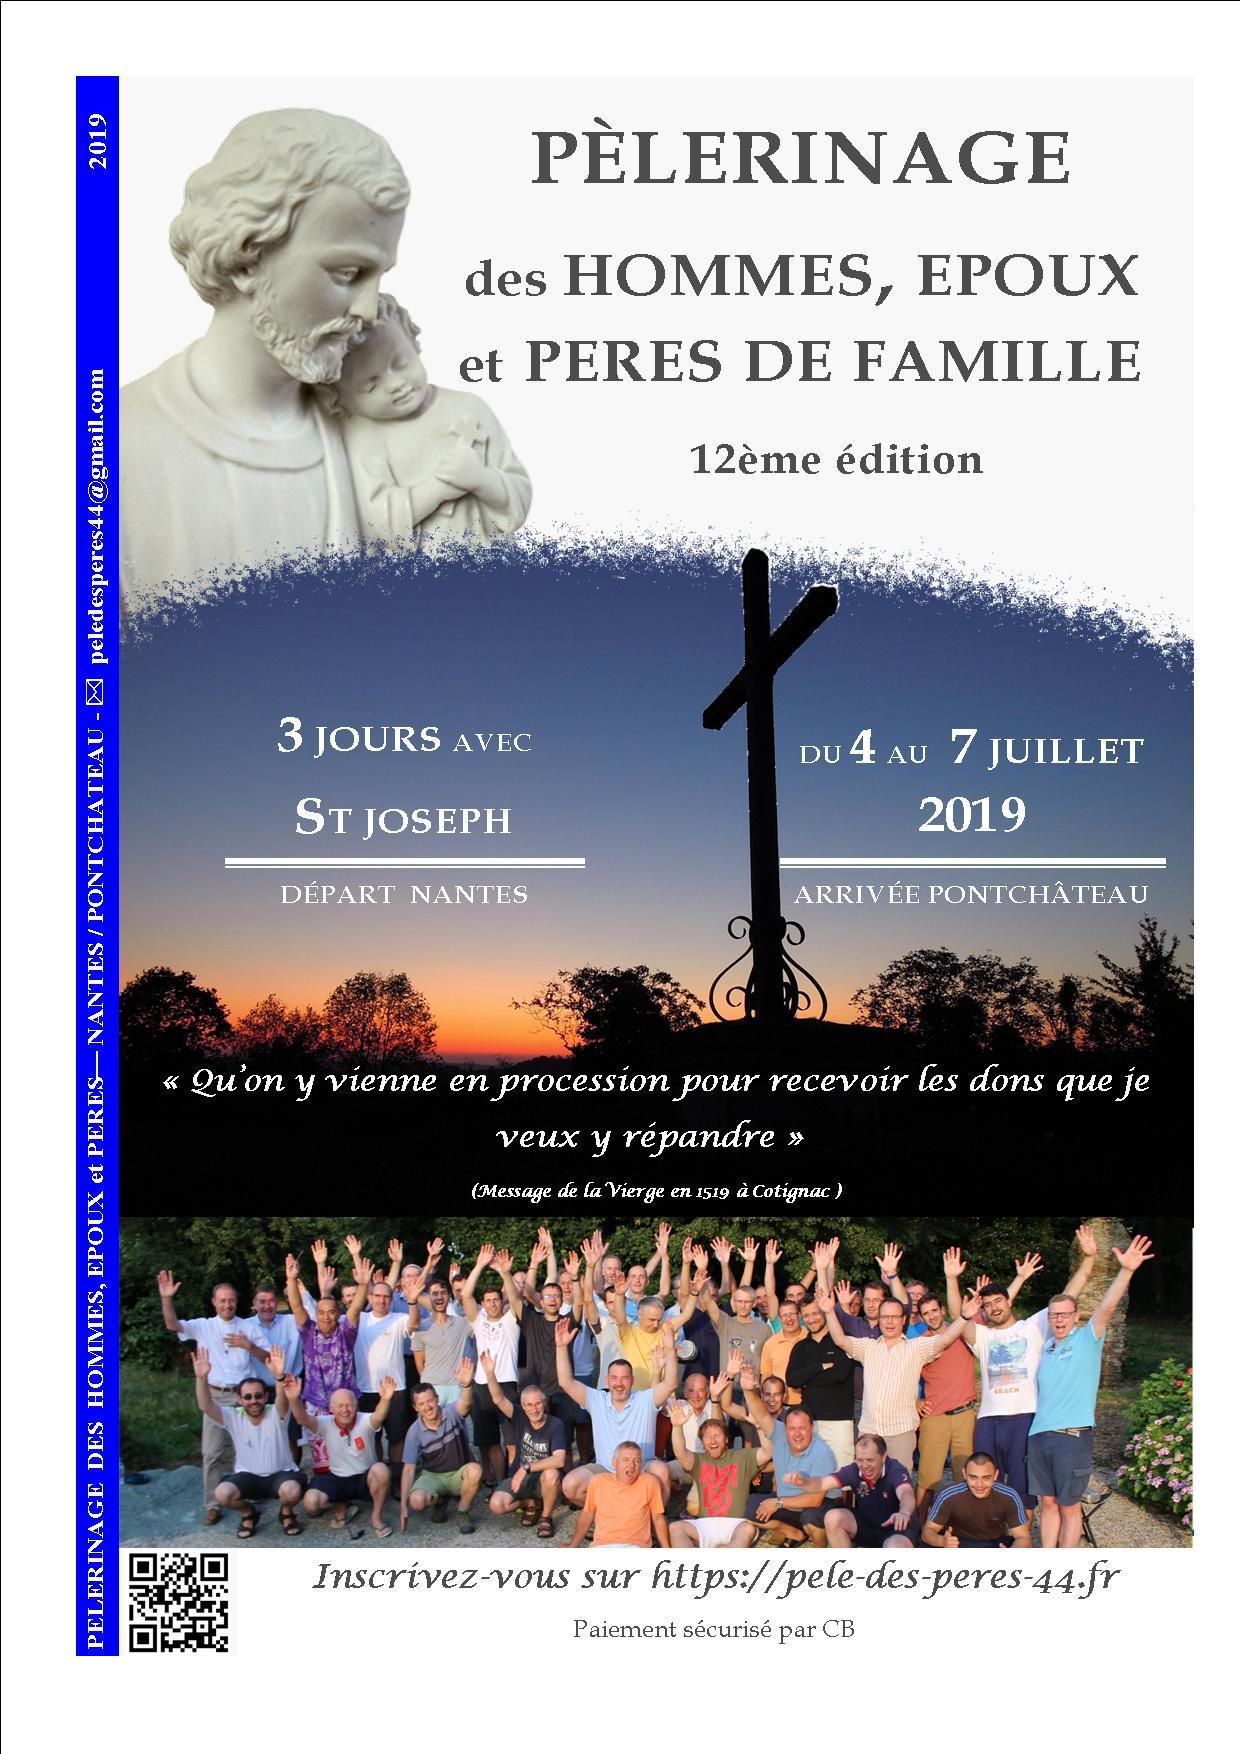 Pèlerinage des Pères de Famille Loire Atlantique du 4 au 7 juillet 2019 de Nantes (44) à Pontchâteau (44)